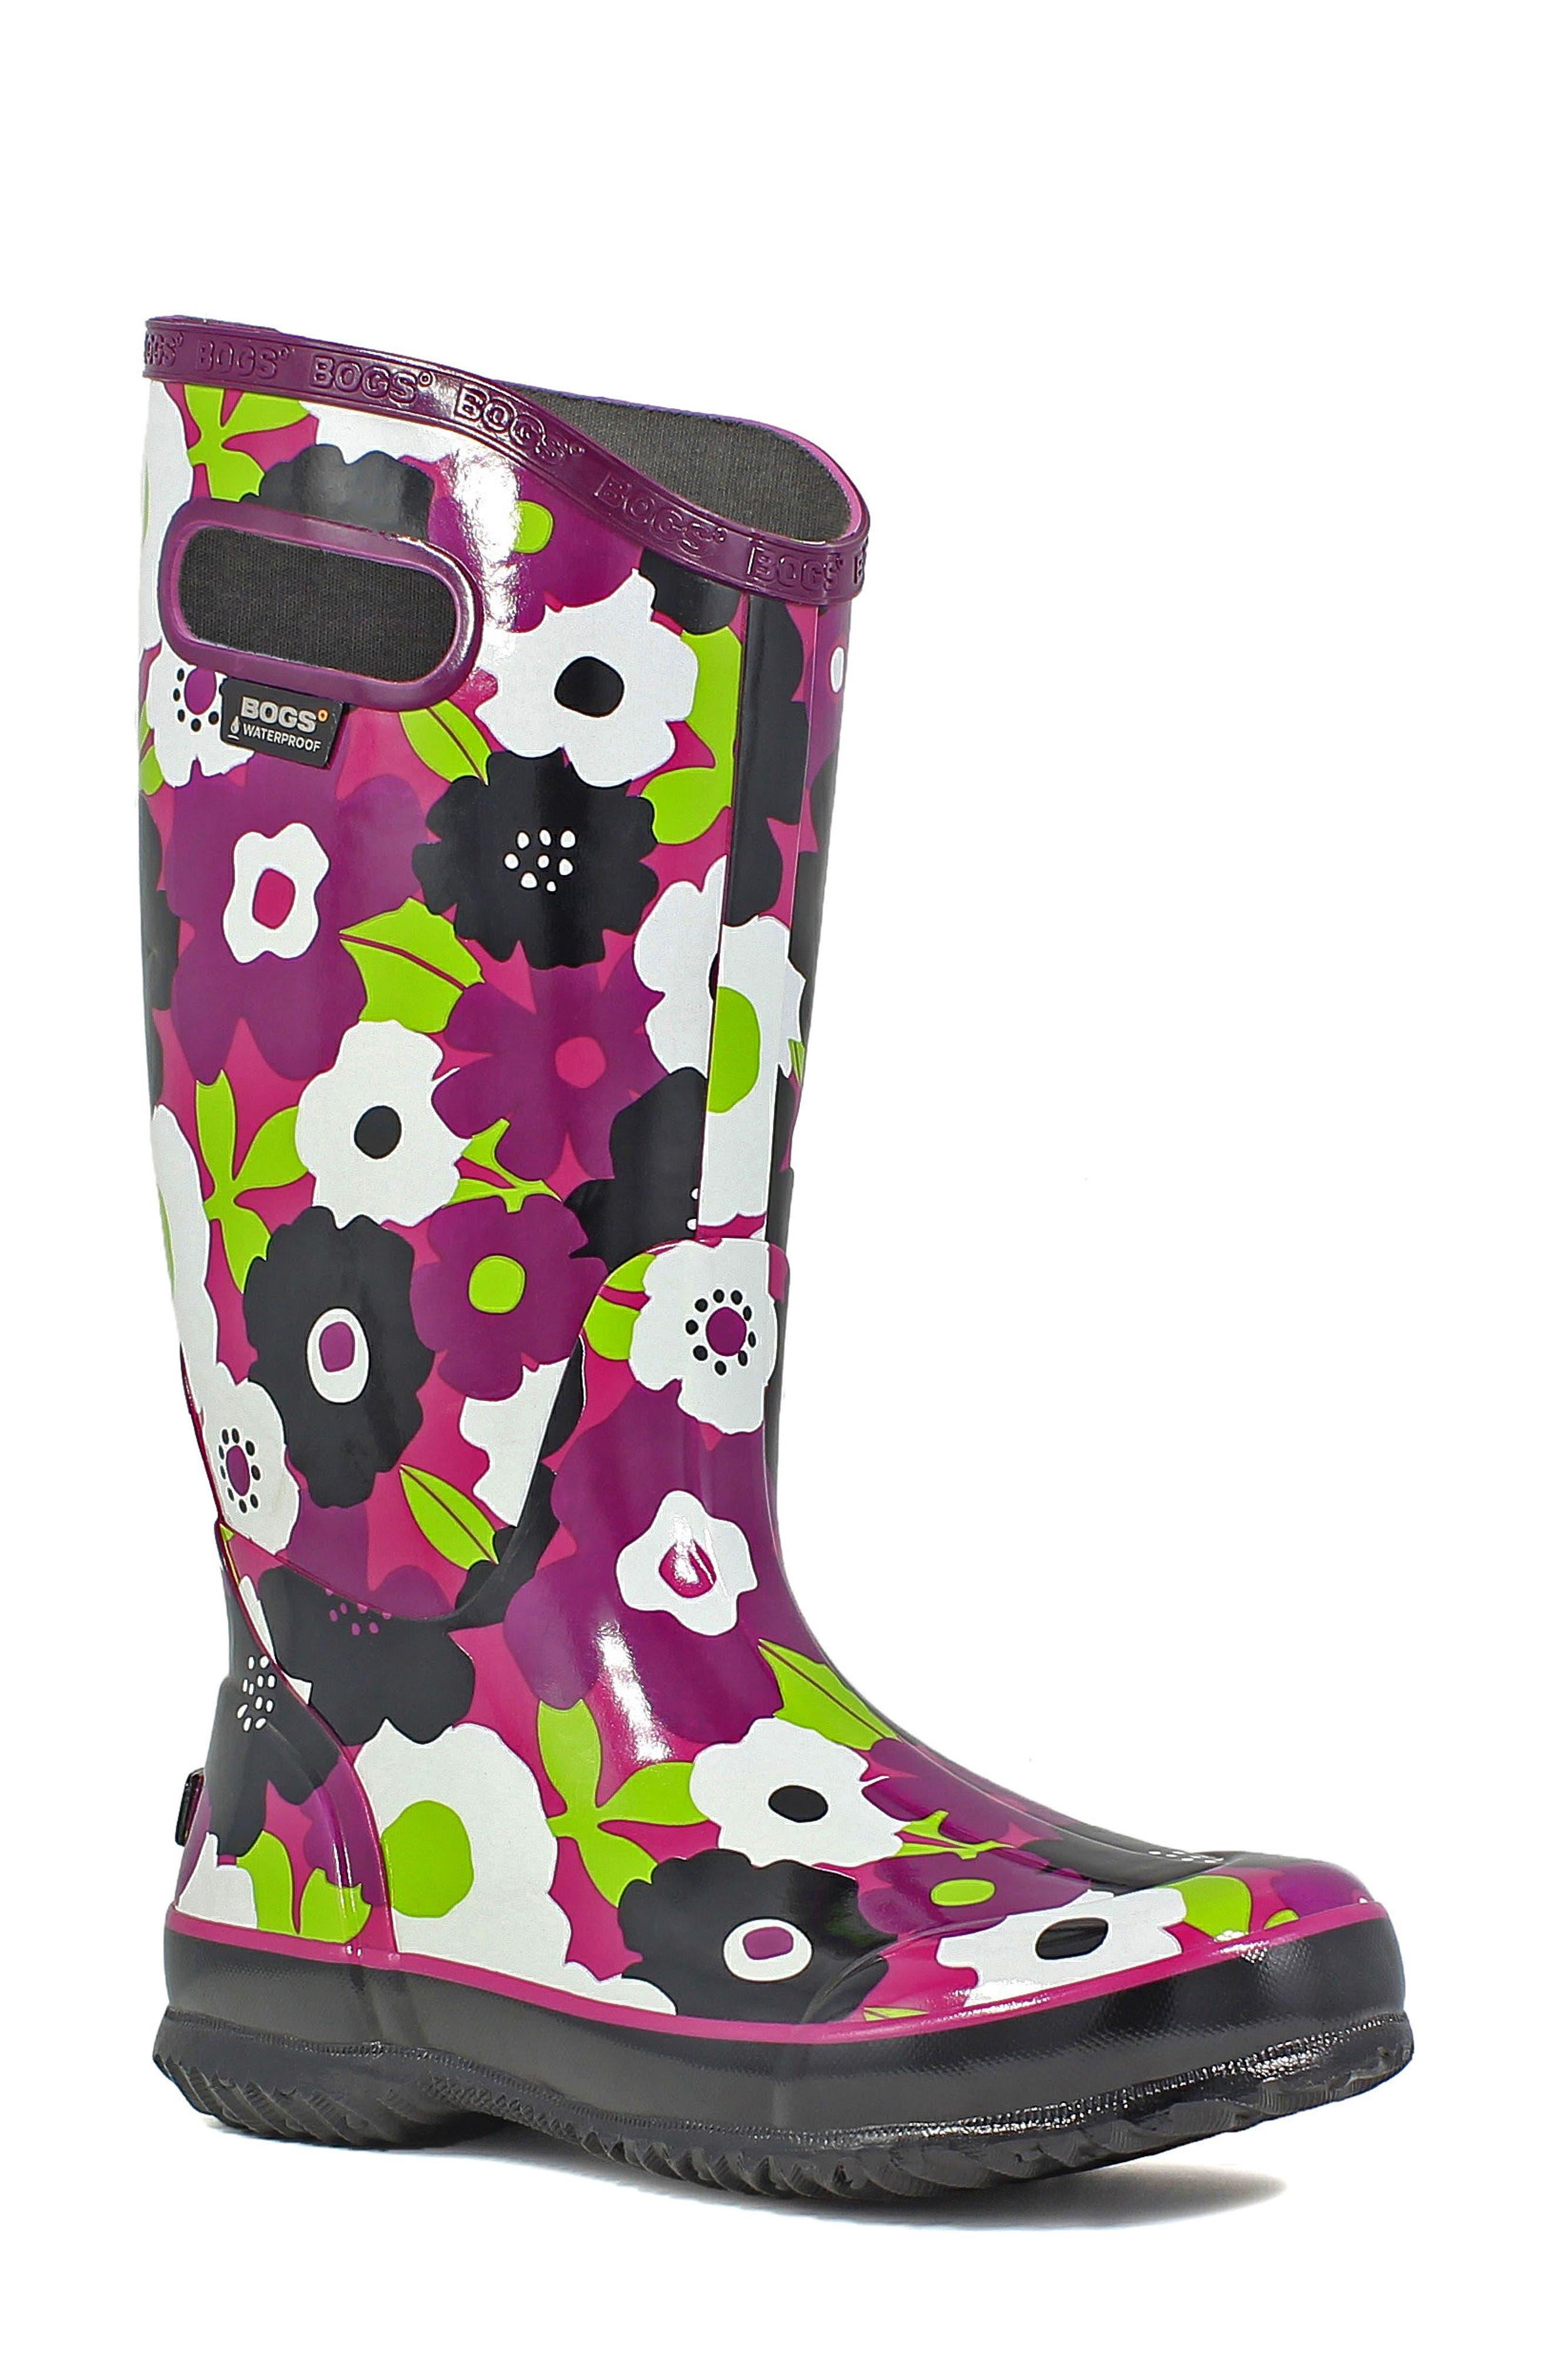 BOGS 'Spring Flowers' Graphic Print Waterproof Rain Boot